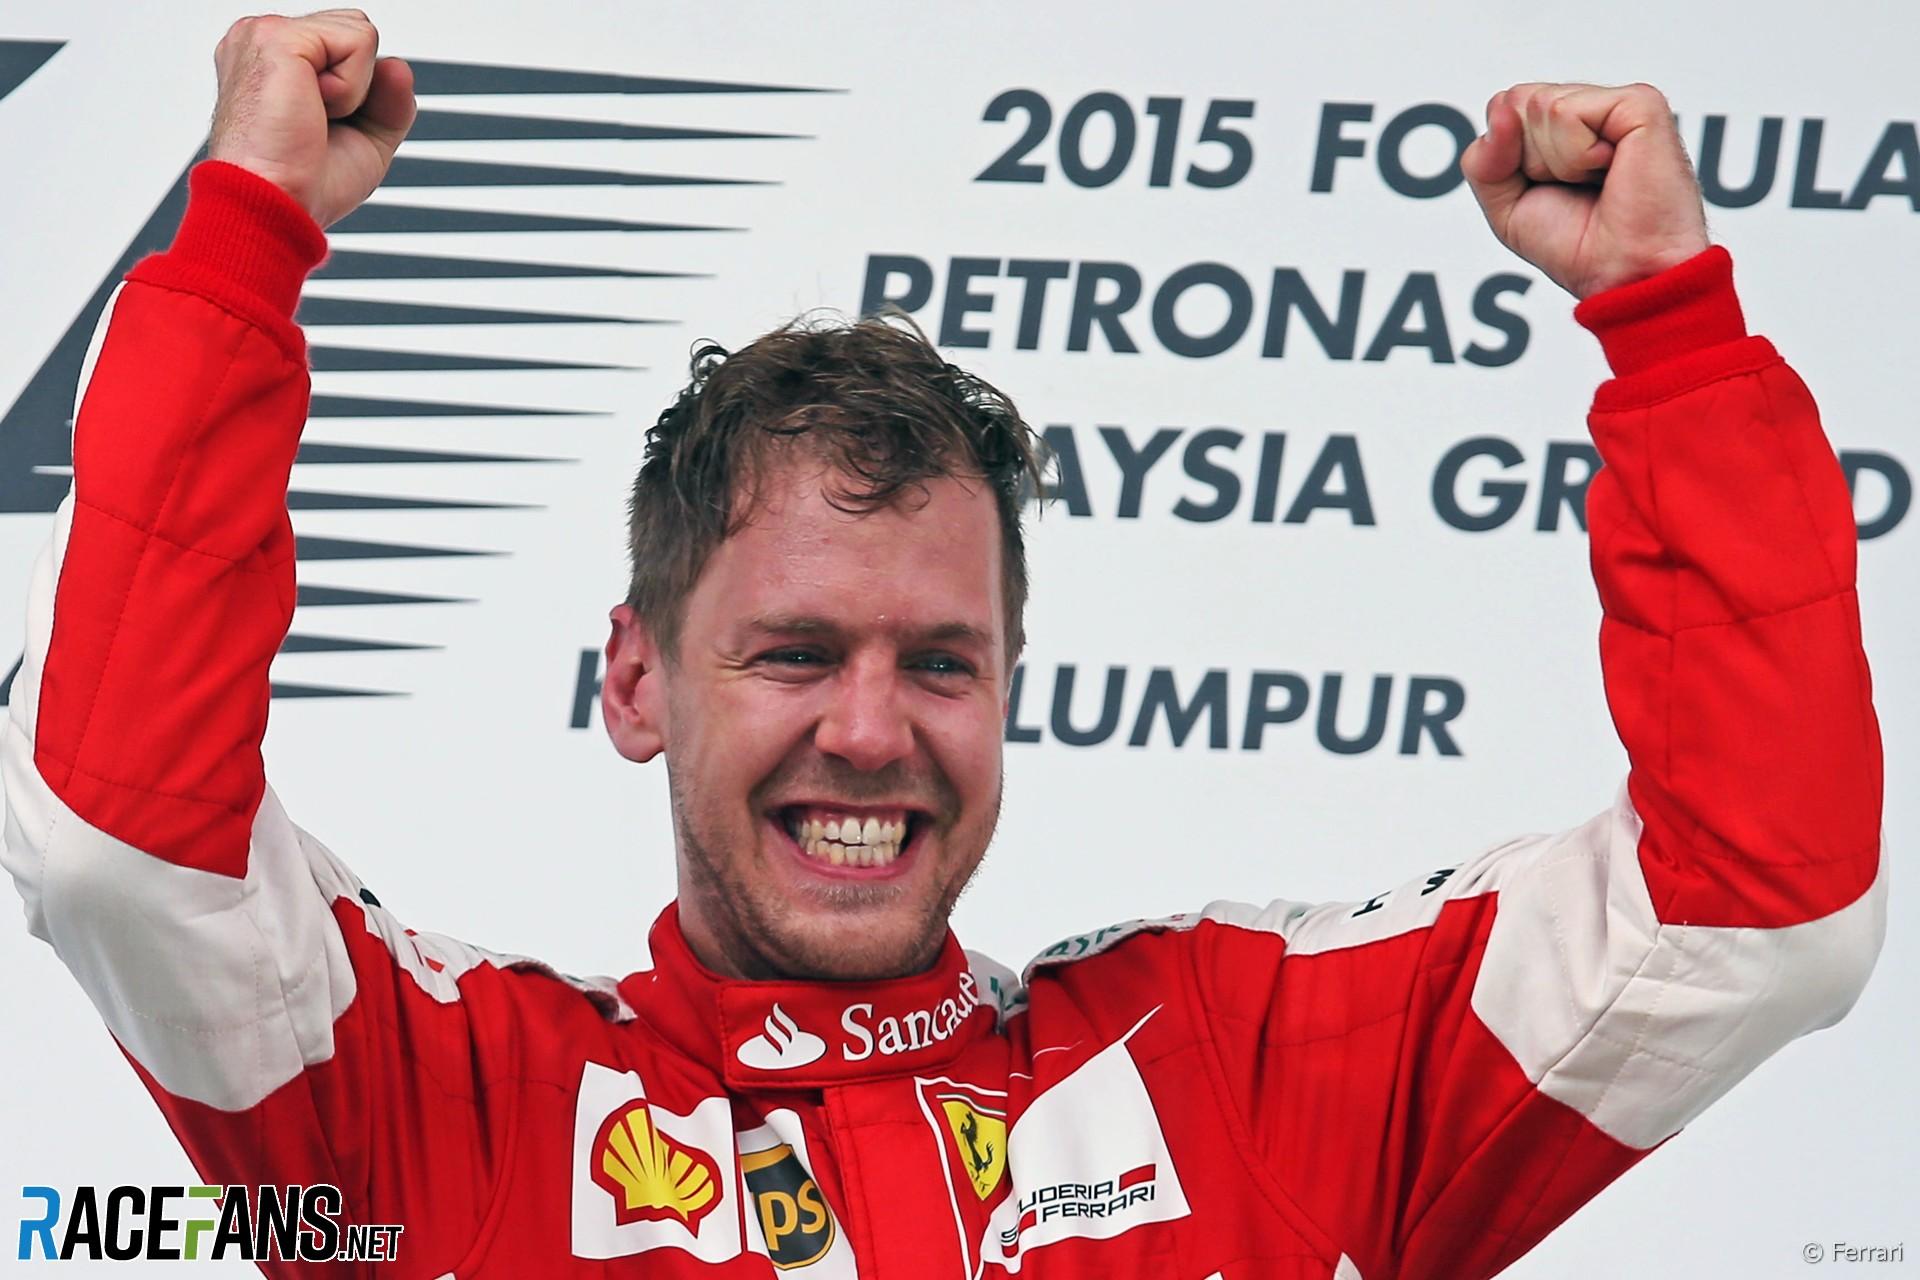 How Vettel S Dream Of Emulating Schumacher At Ferrari Ended Racefans